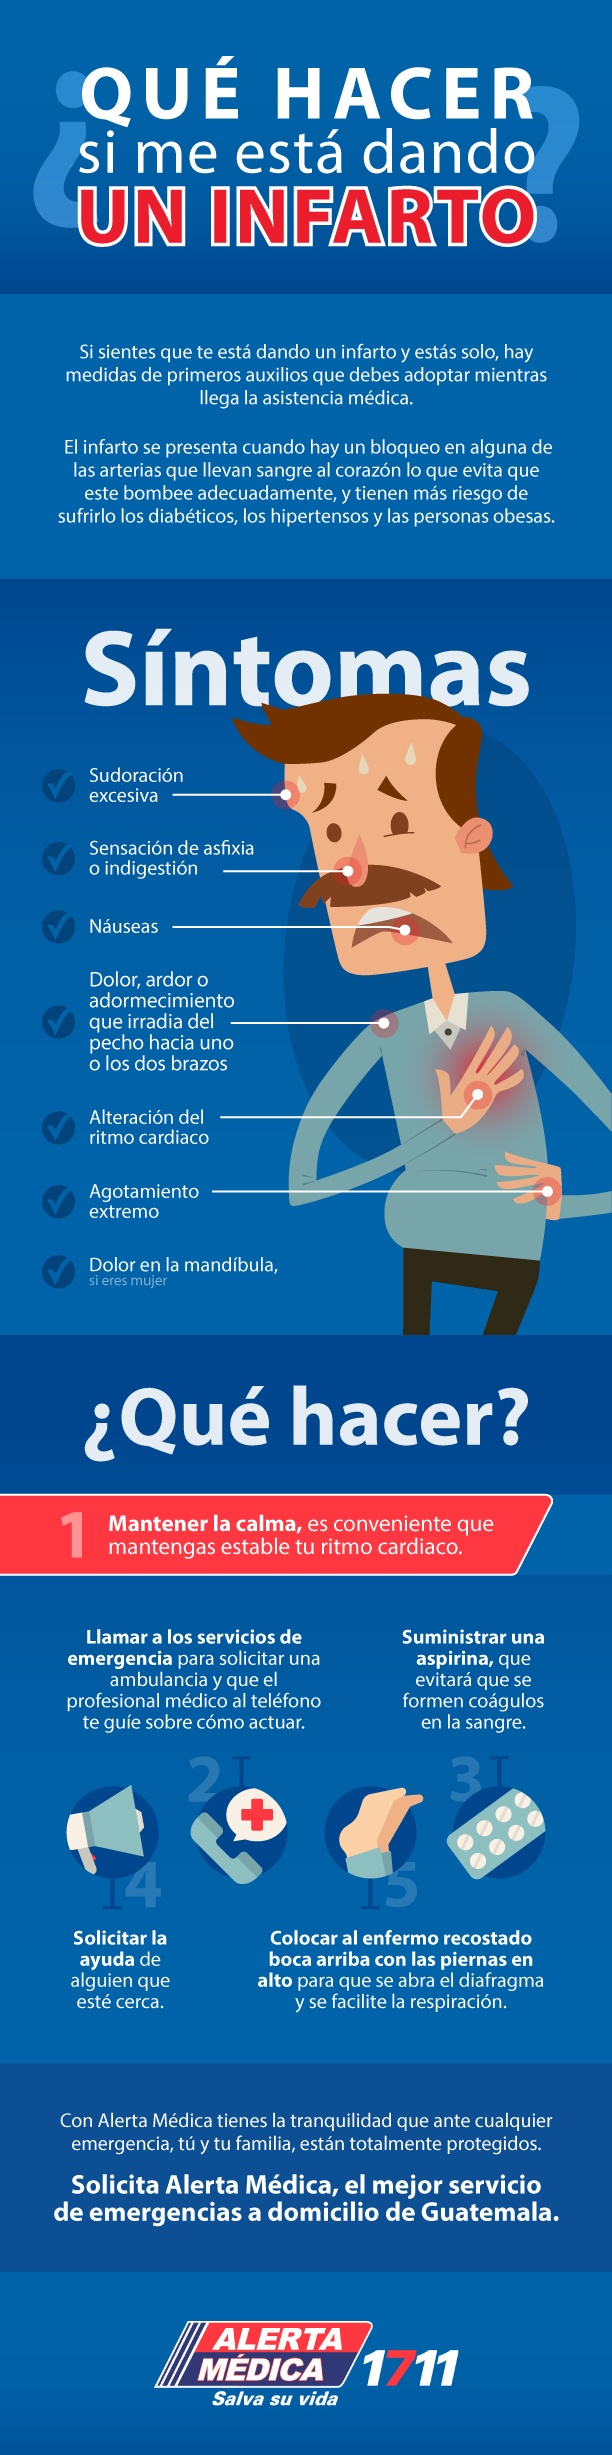 Alerta-Médica-completa-¿Qué hacer si me está dando un infarto_